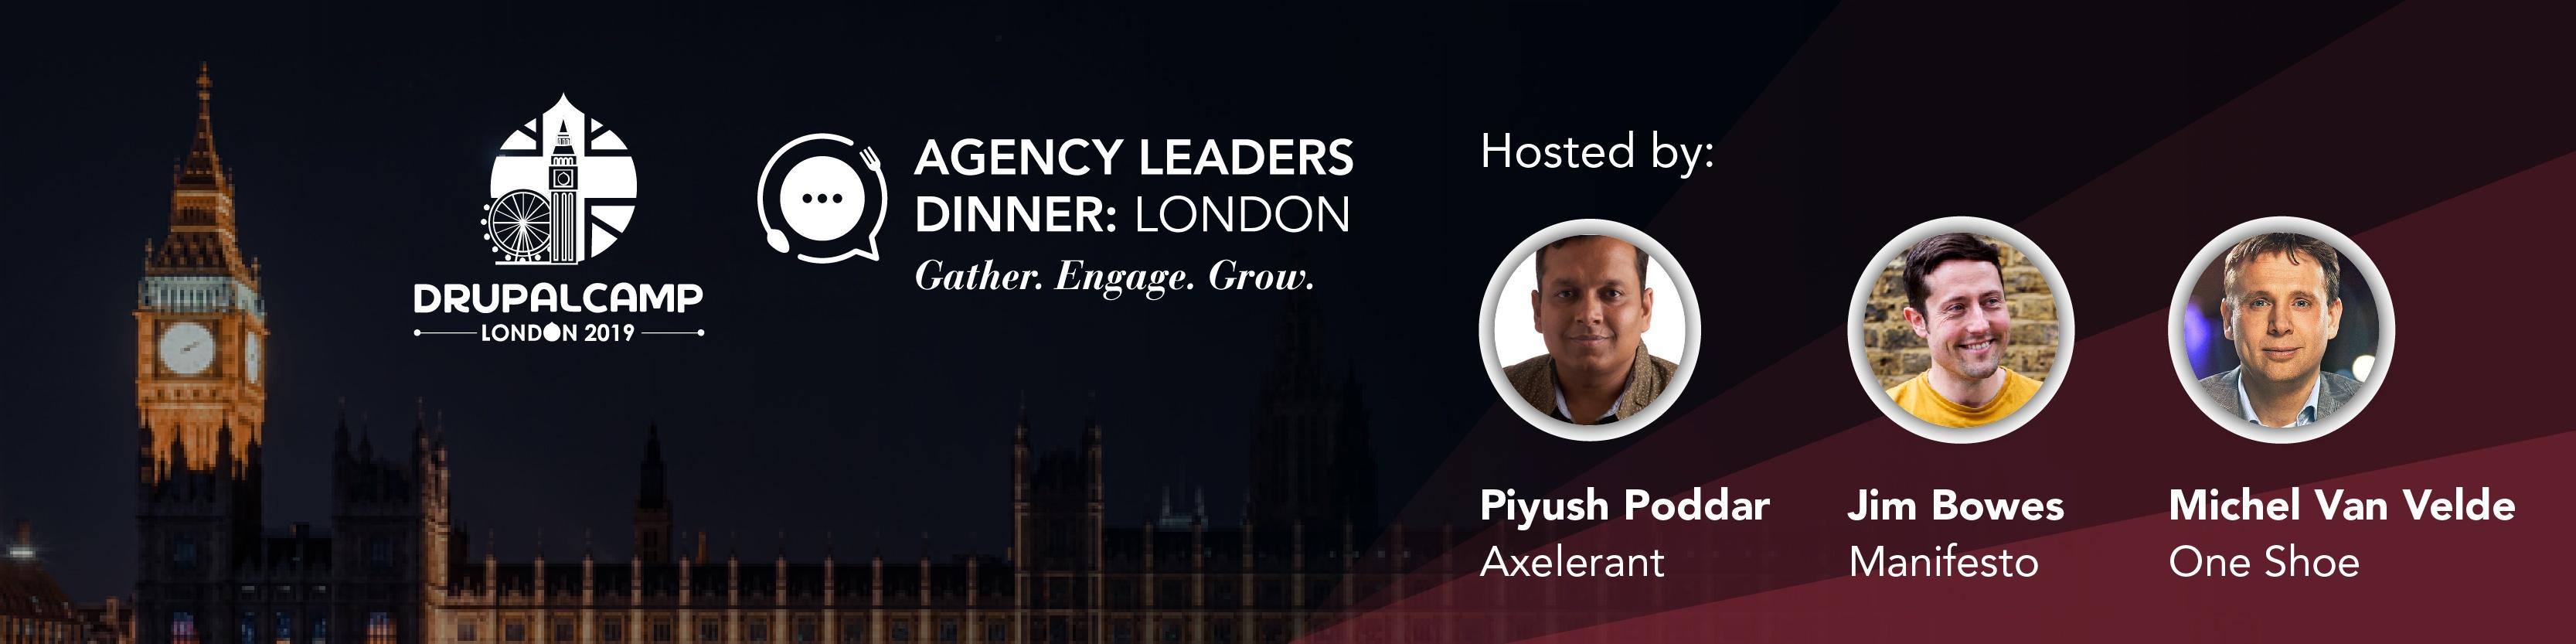 agency-leaders-dinner-london-2019